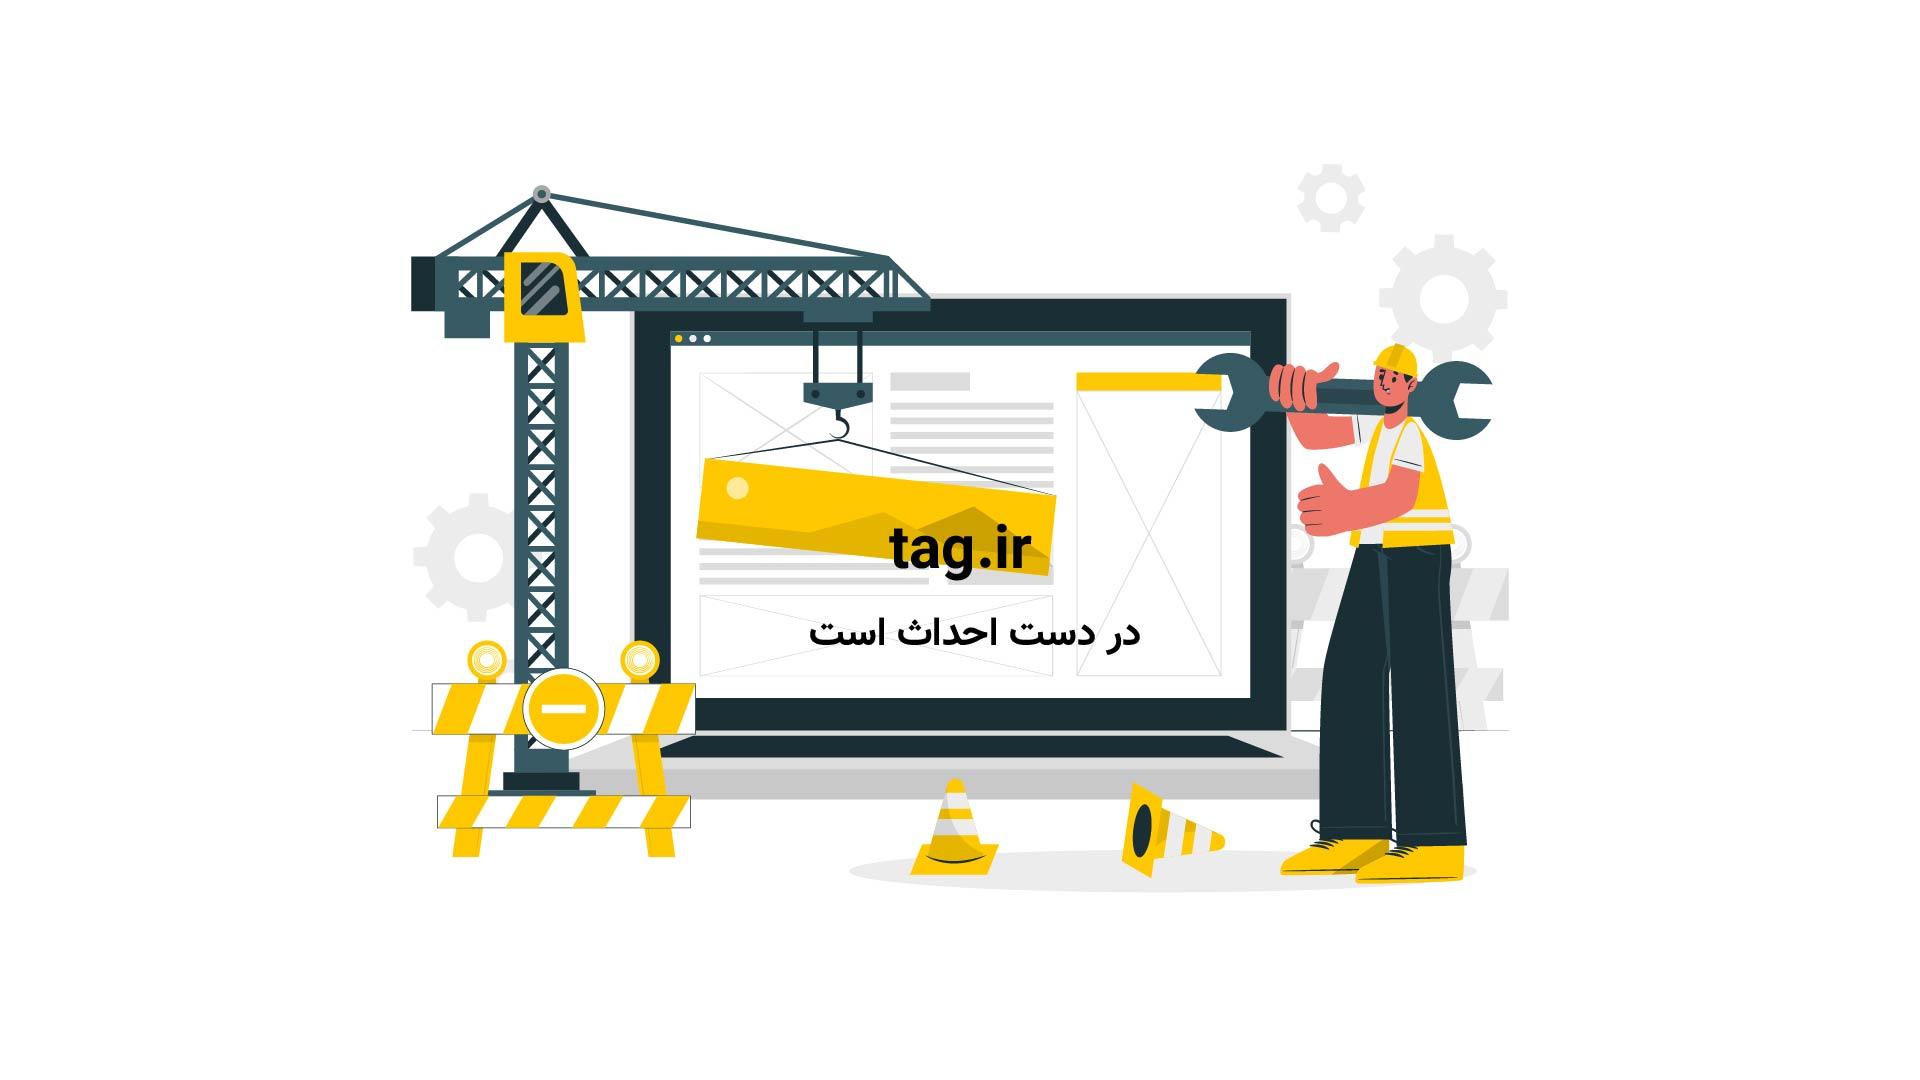 مسجد جامع | تگ